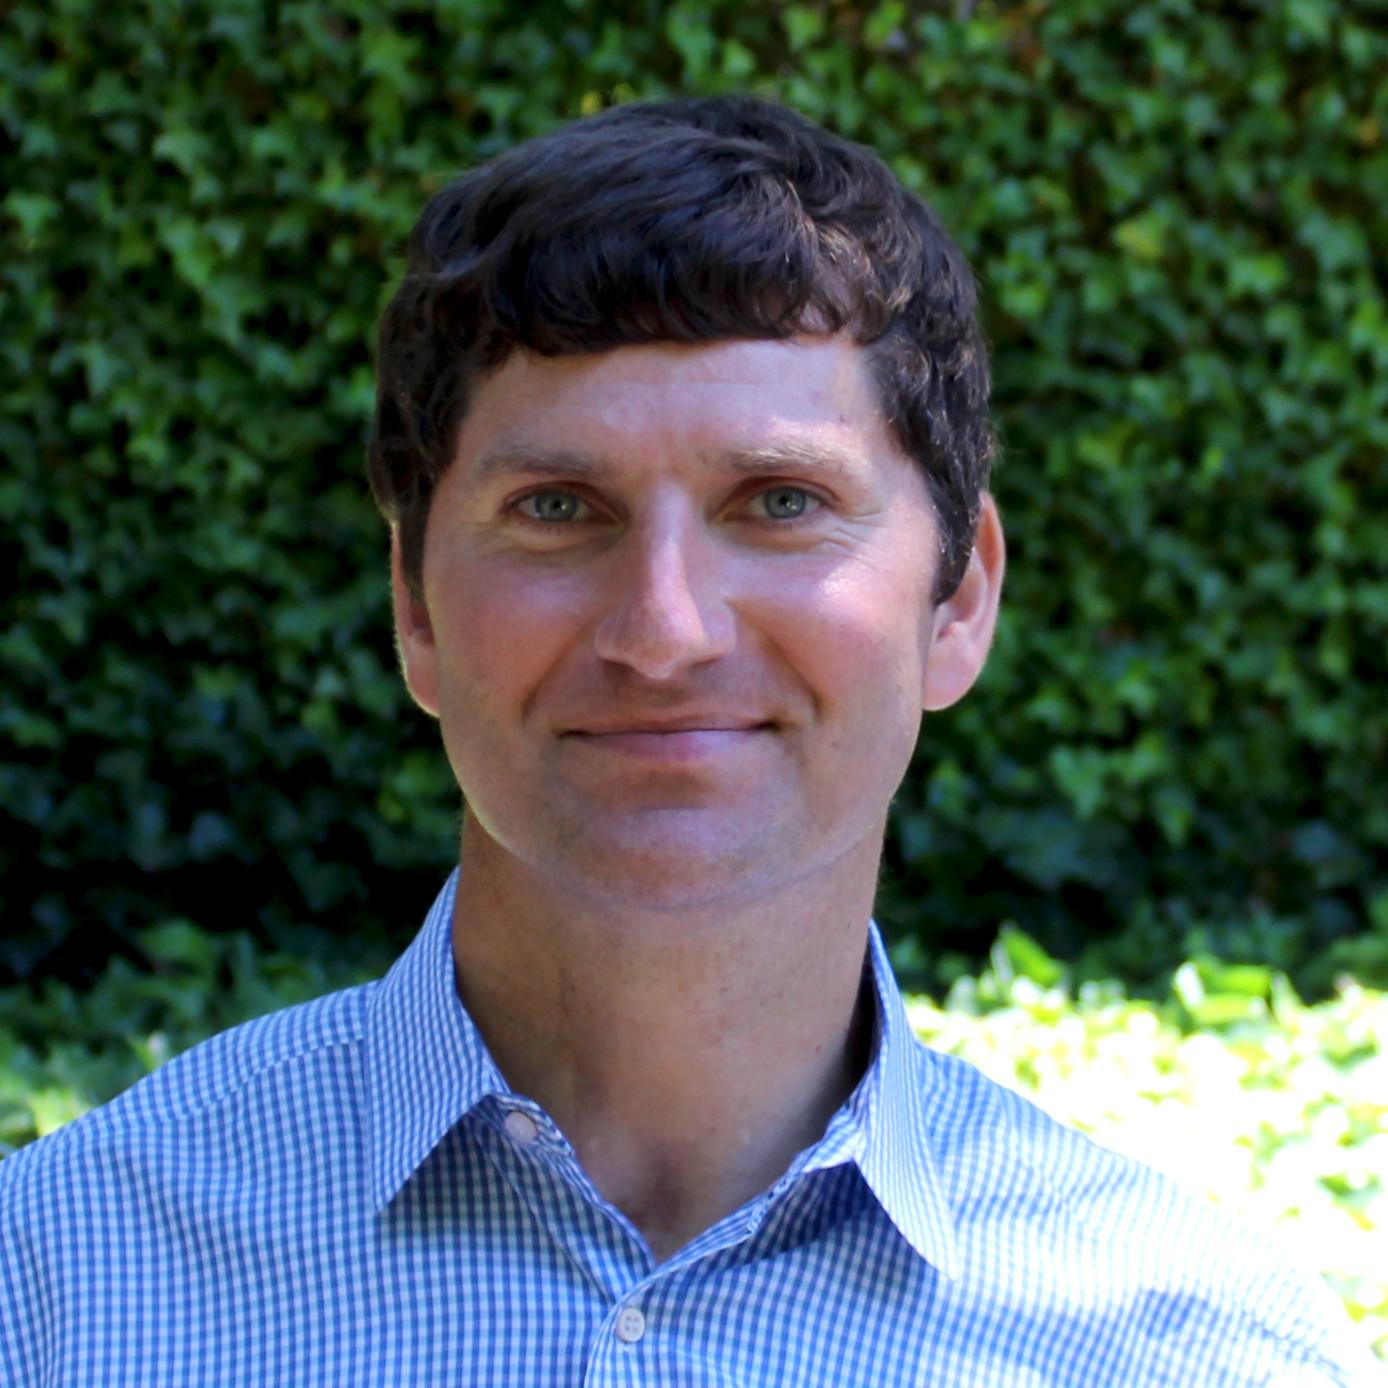 Kyle Reiter